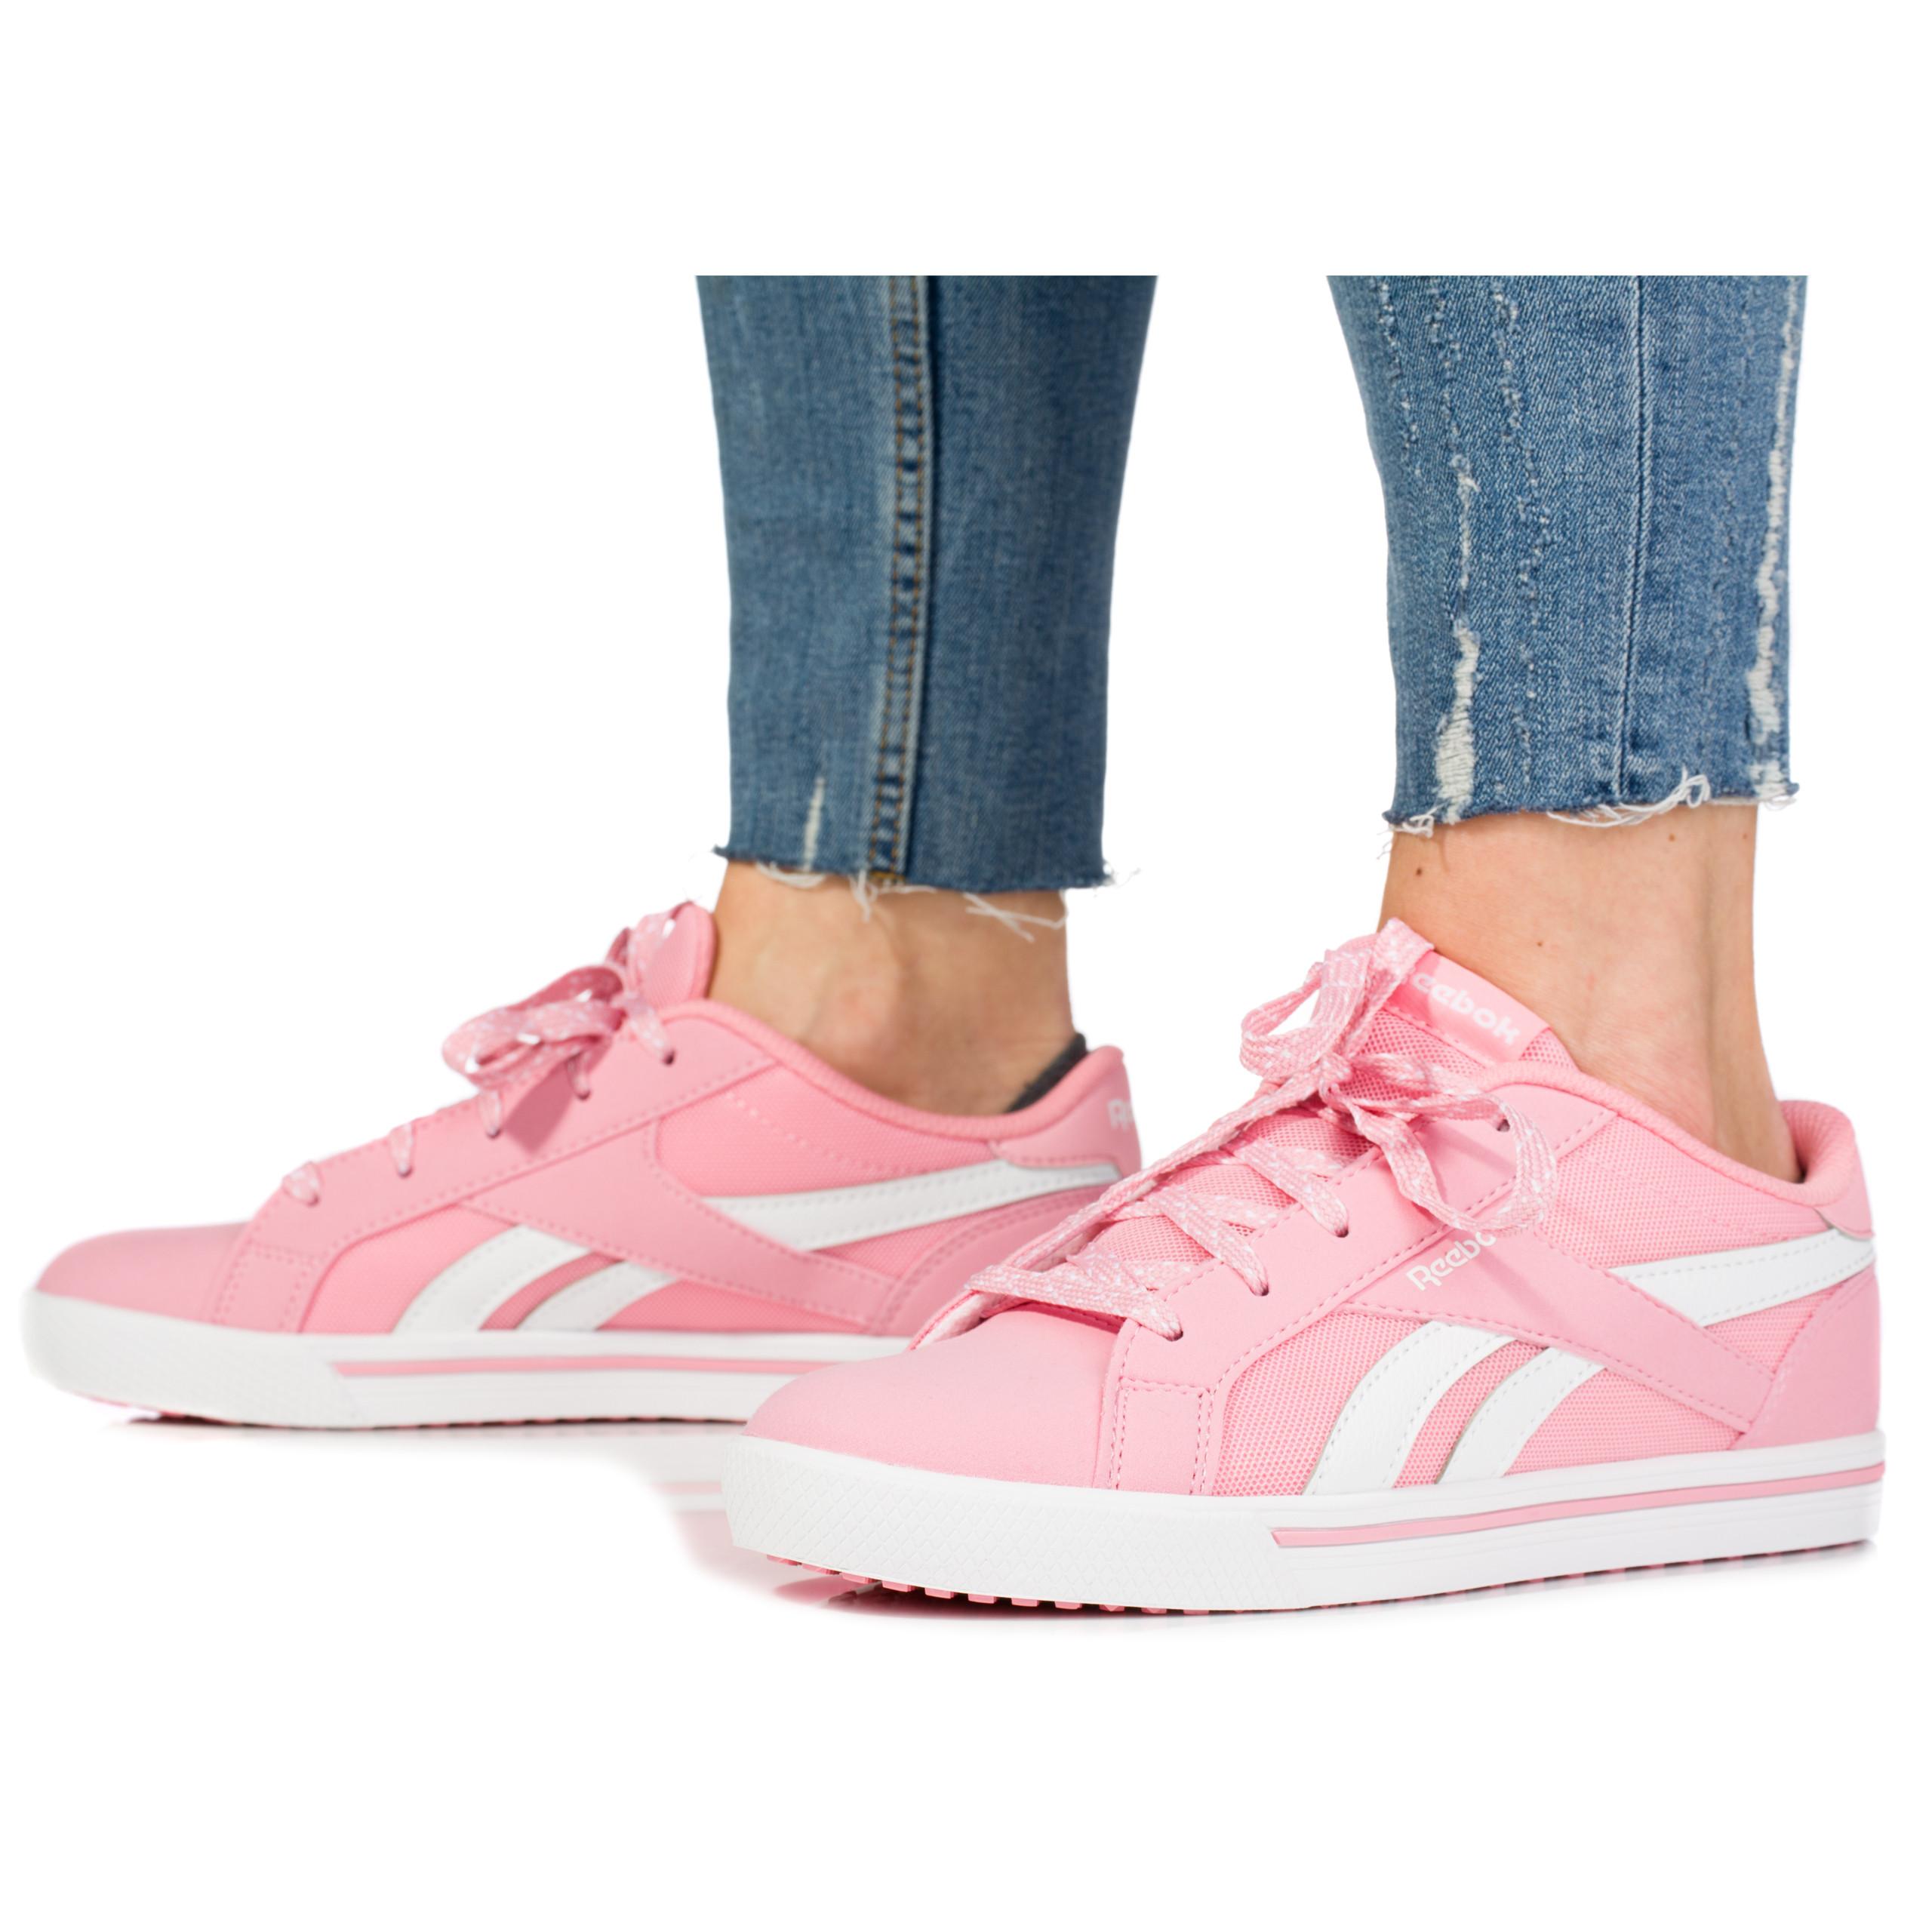 Buty dziecięce Reebok Royal Comp CN0162 r 37 7251417351